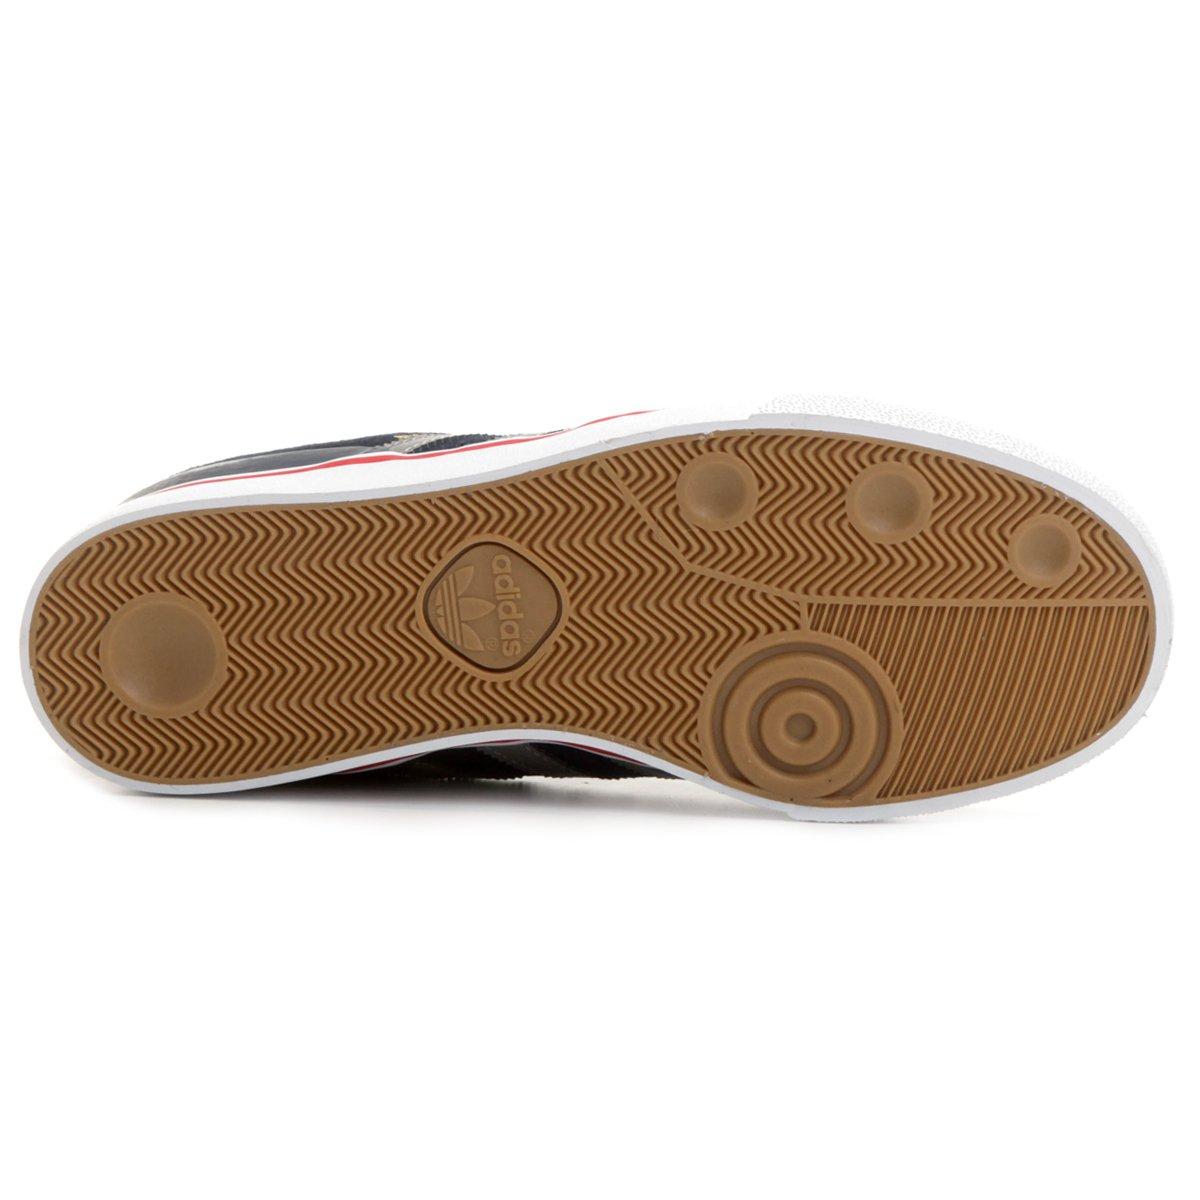 489ddbf799 ... Tênis Adidas Busenitz Vulc Masculino Tênis Adidas Busenitz Vulc  Masculino ... f6c4ffa5657e0d ...